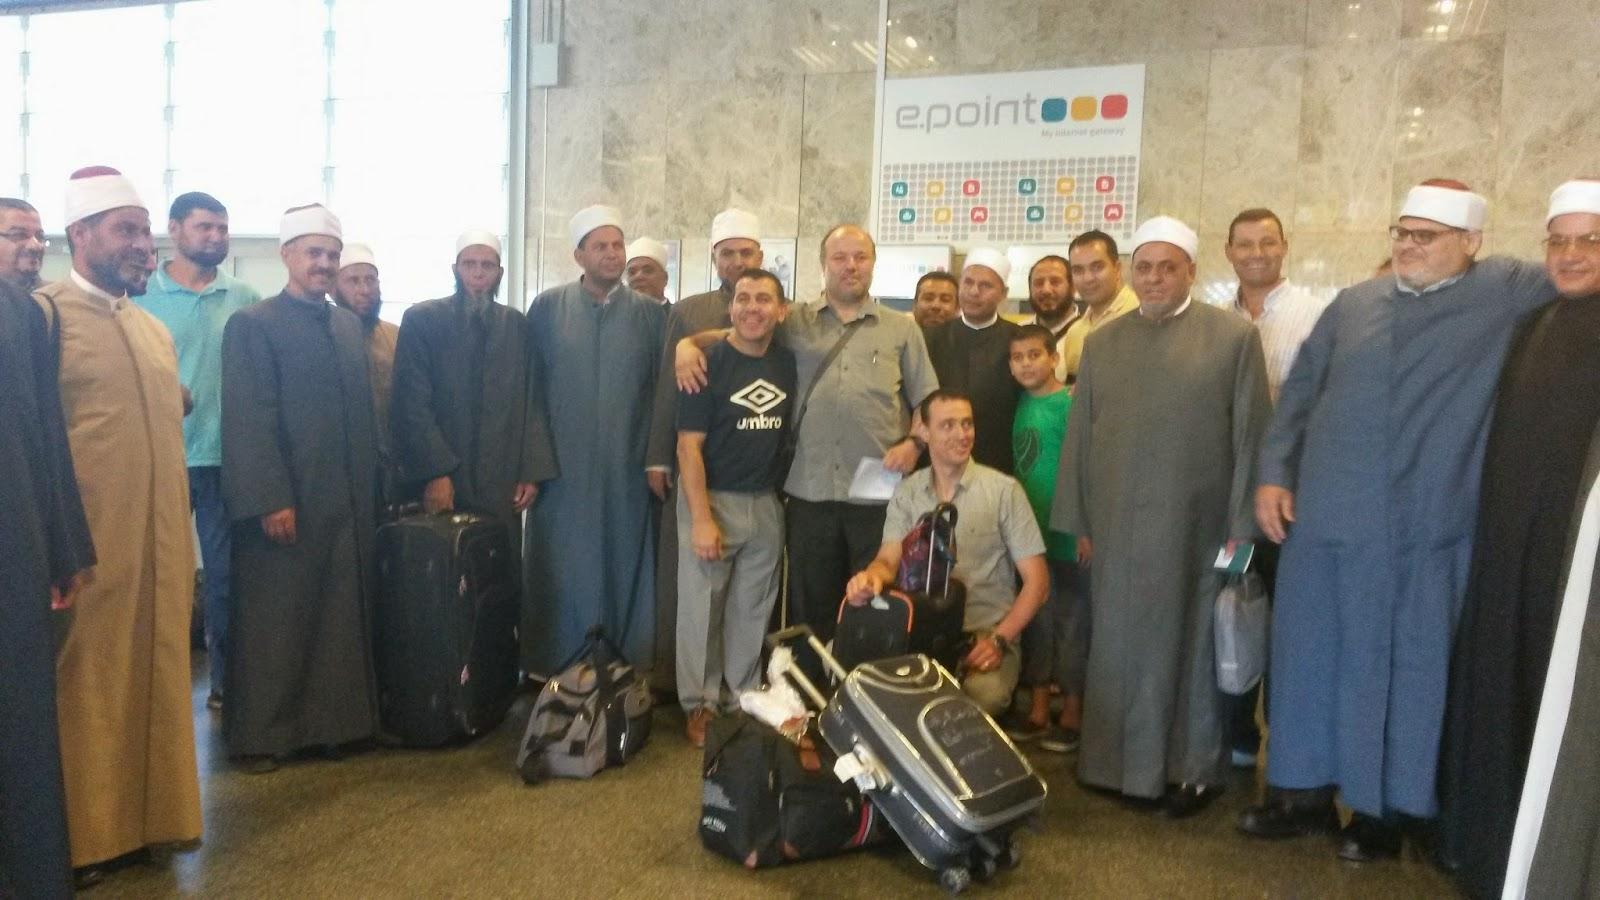 Grupo de imames del Honorable  Azhar  recién llegados a Madrid, aeropuerto de Adolfo Suarez -  Barajas acompañados del coordinador de UCIDE Mohamed Ajana, Foto: islamedia.